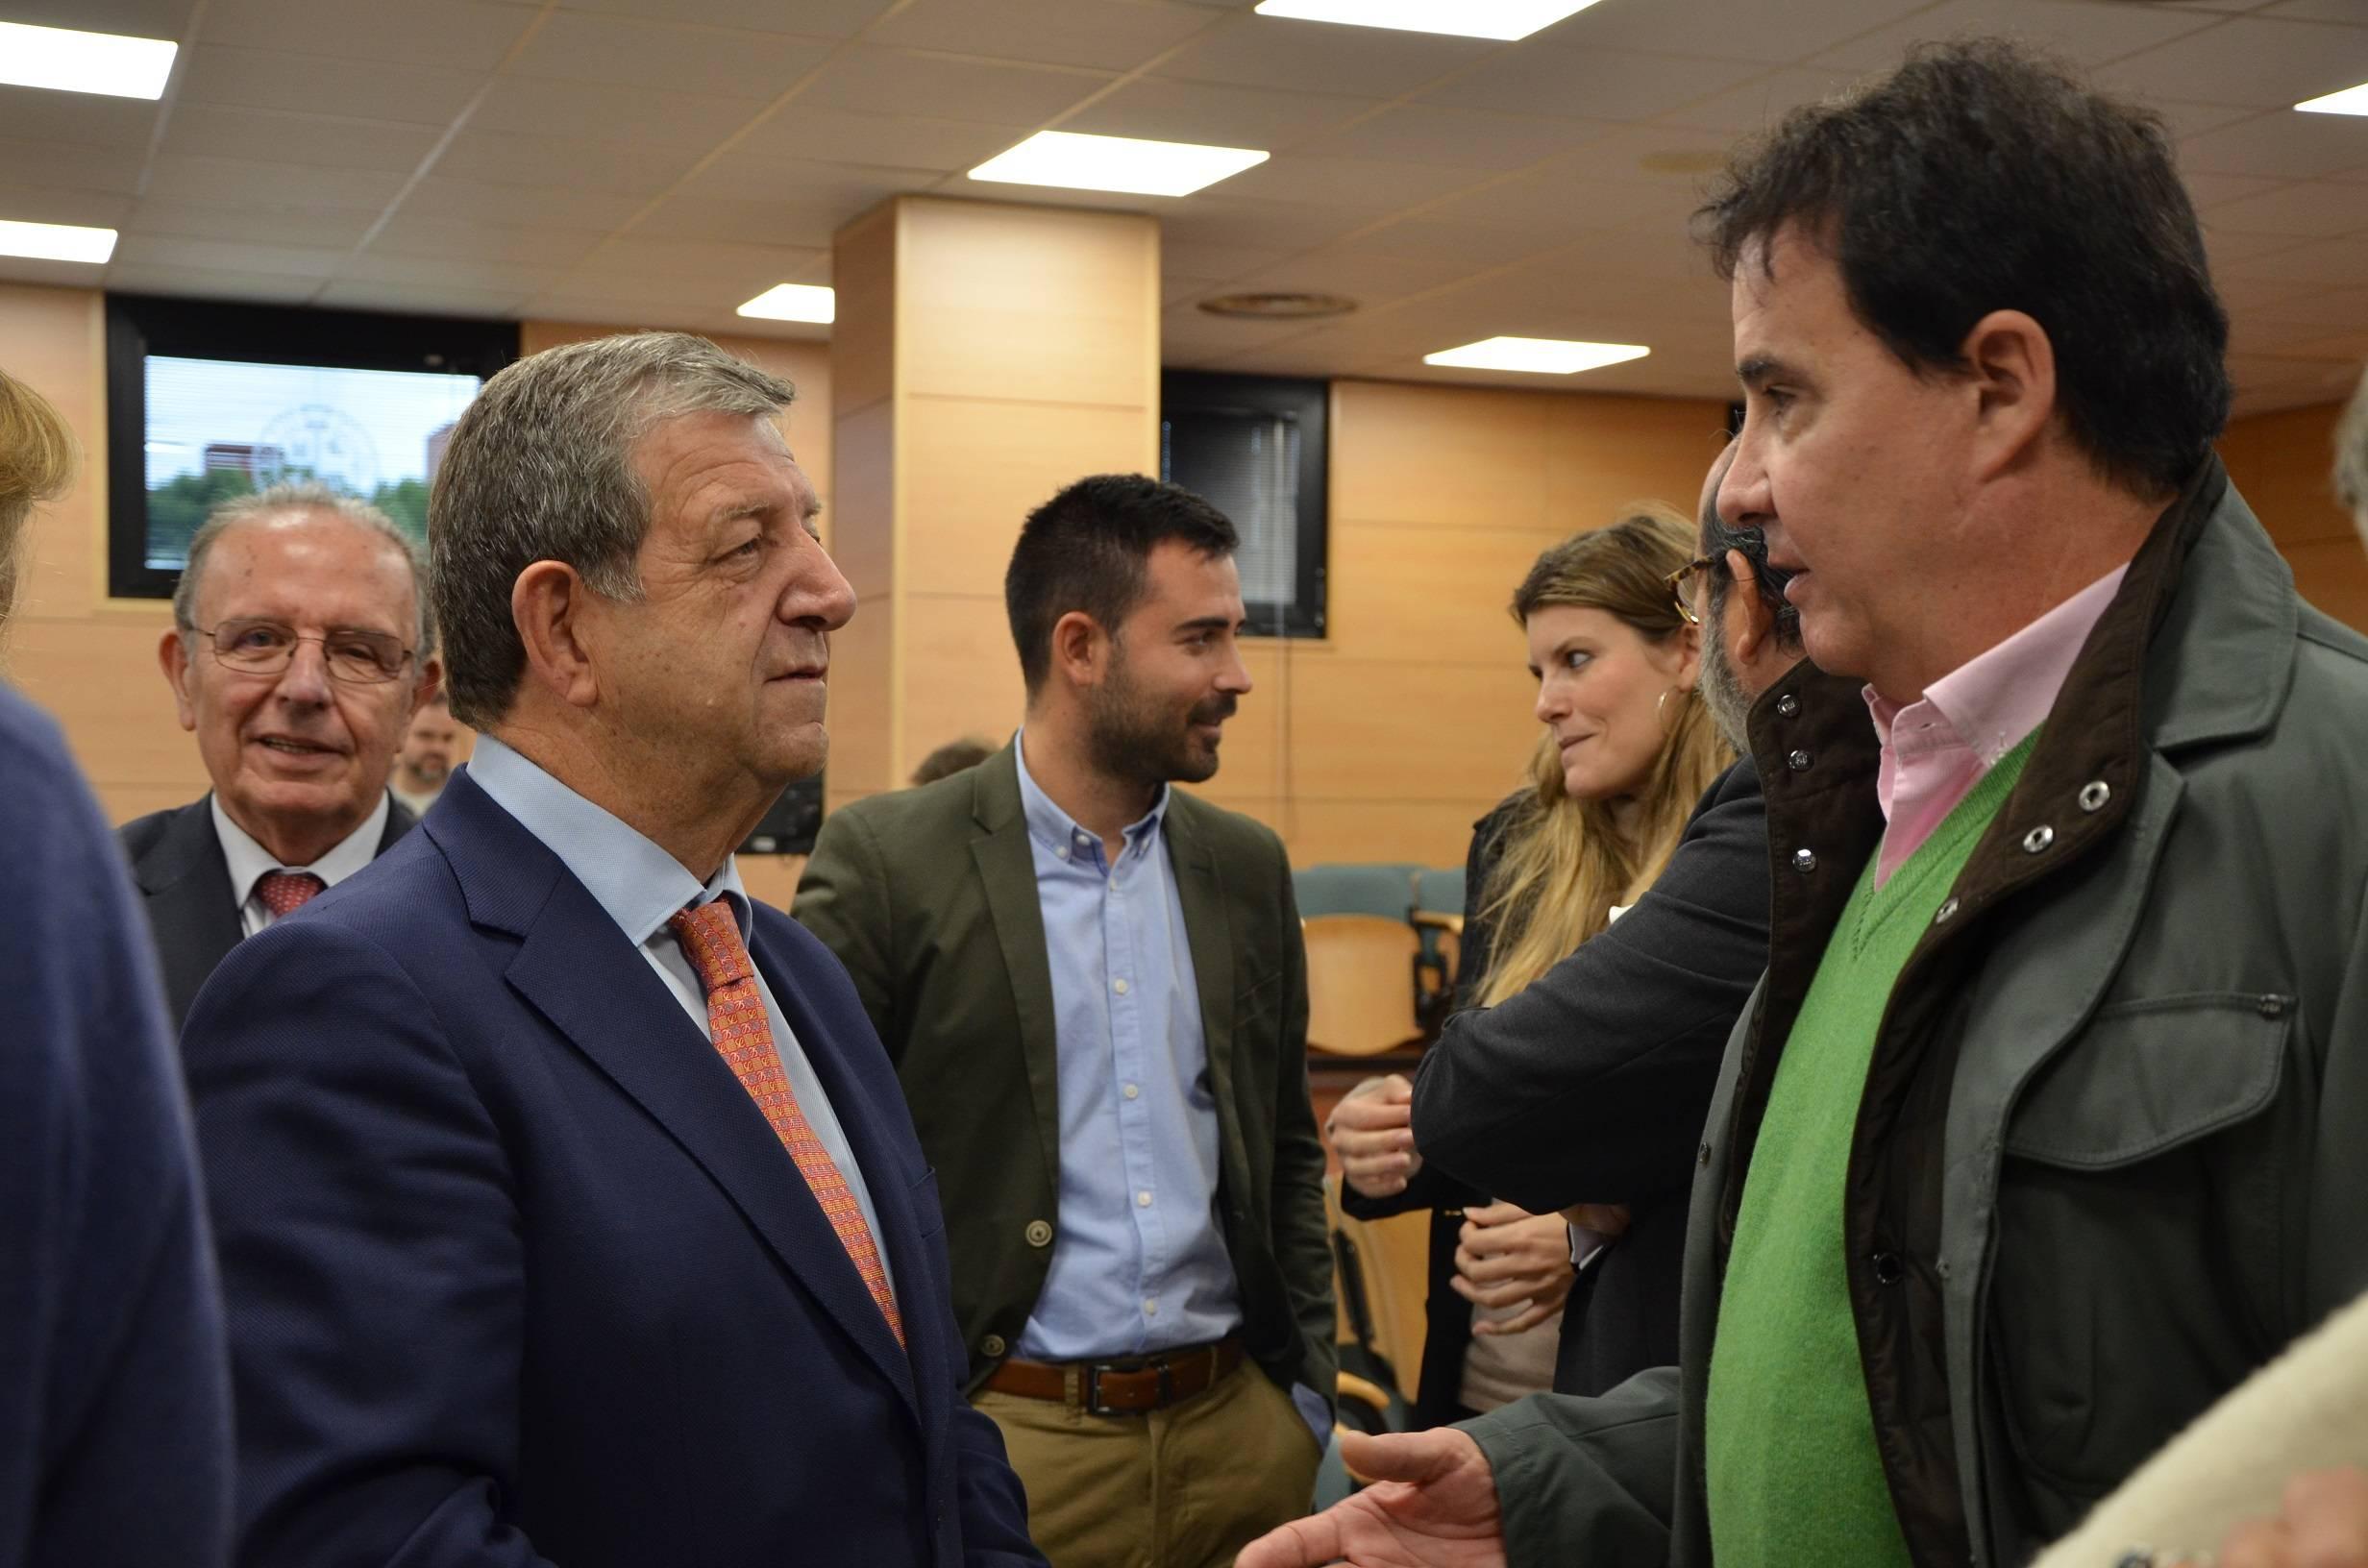 El alcalde conversando con el periodista José Ramón de la Morena.